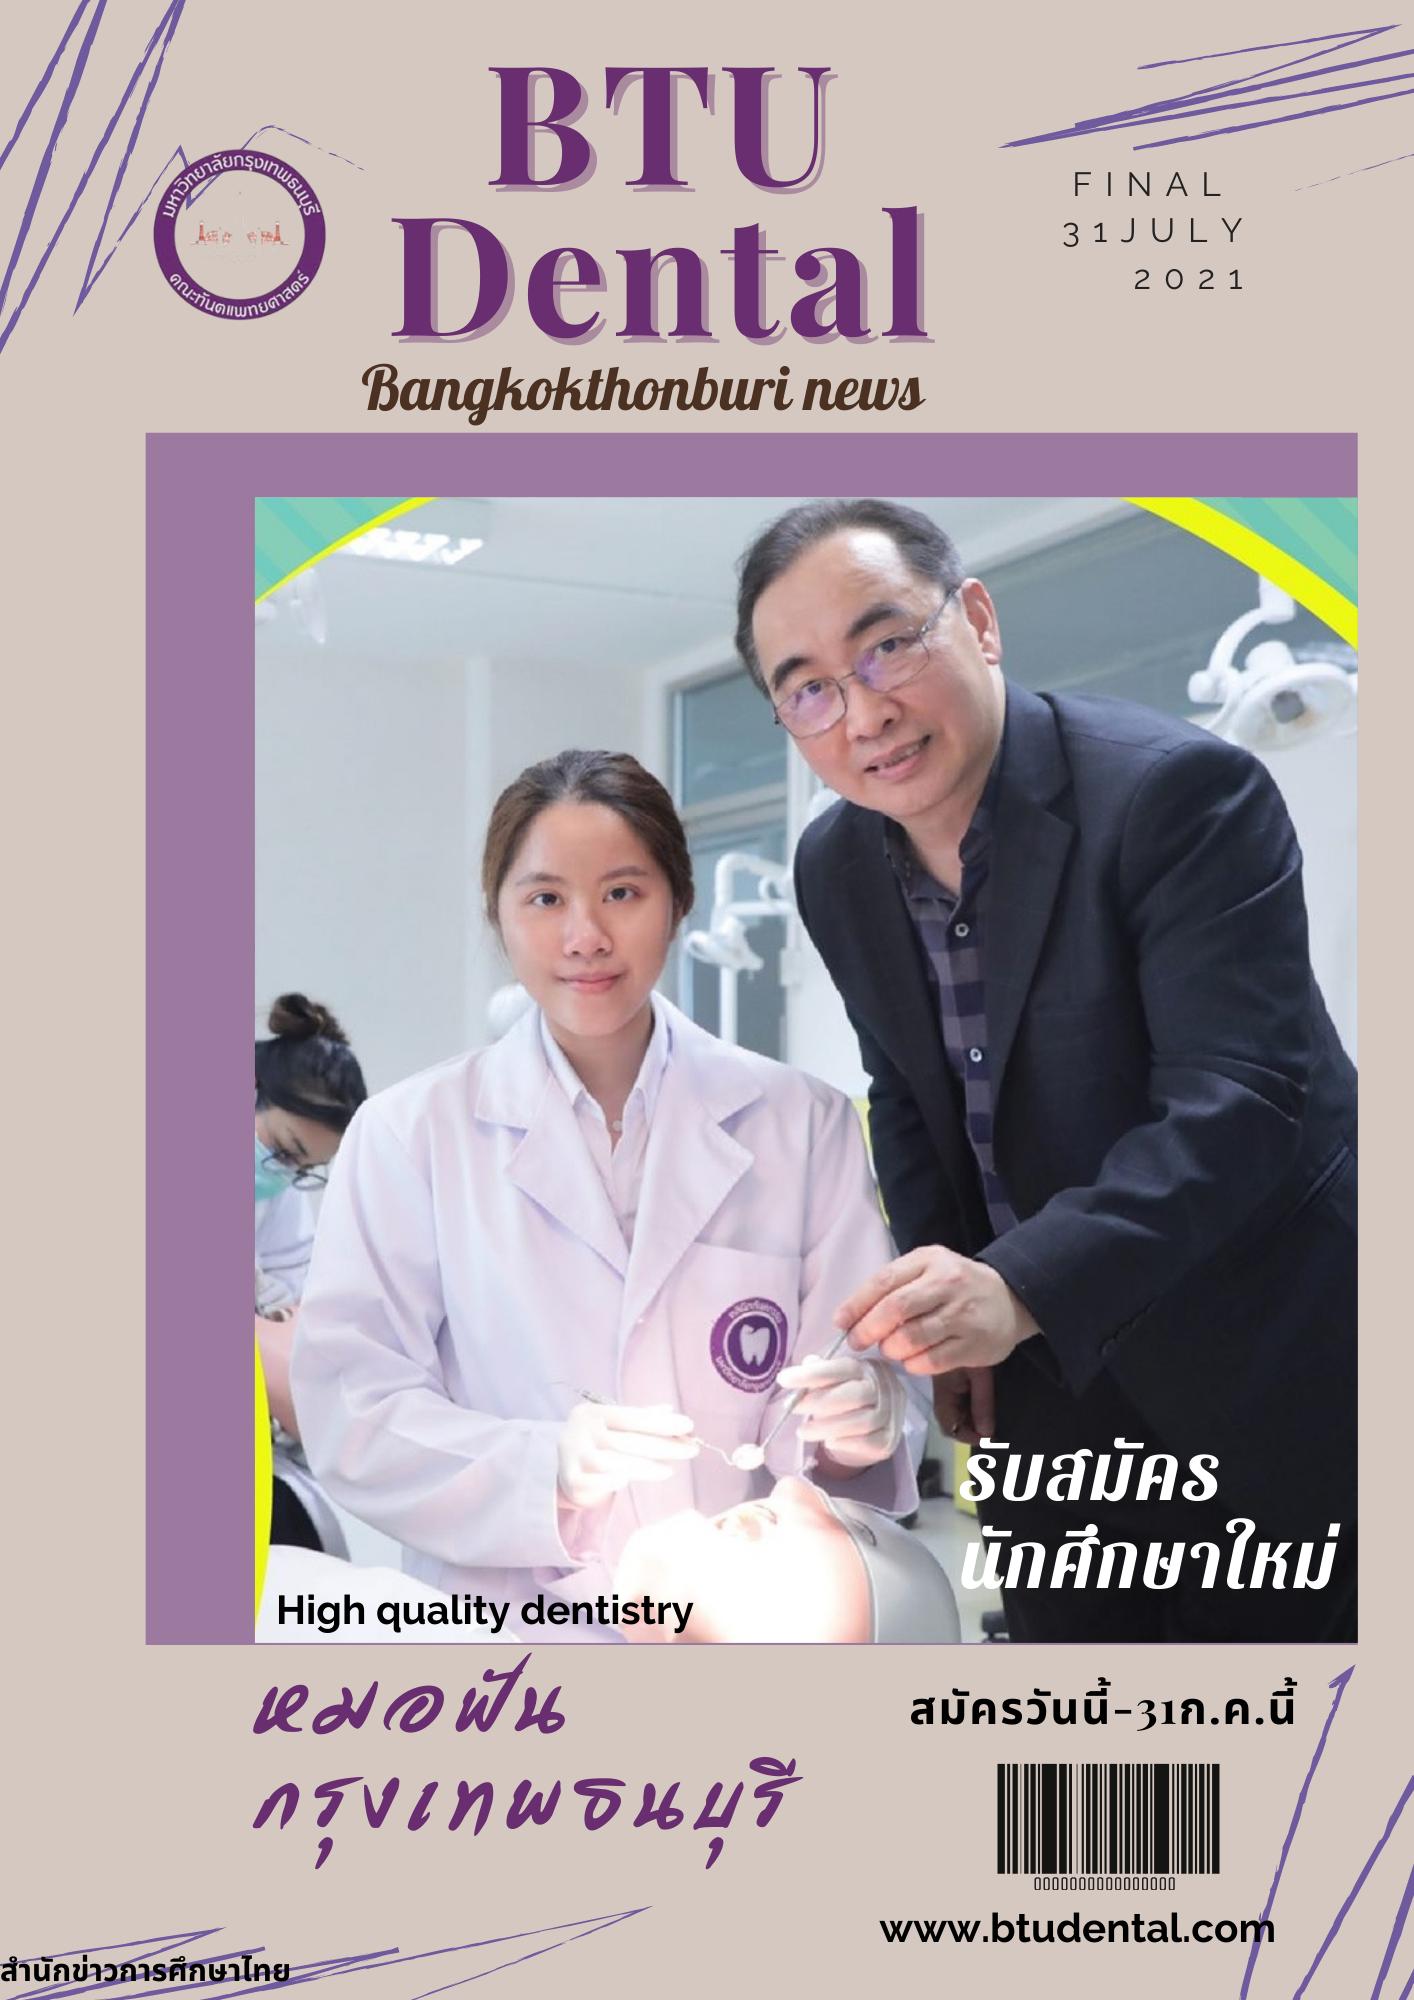 คณบดีทันตะ ม.กรุงเทพธนบุรี เผยเส้นทางพิชิตฝันสู่อาชีพหมอฟัน ยันที่นี่พร้อม อุปกรณ์มาตรฐานสากล